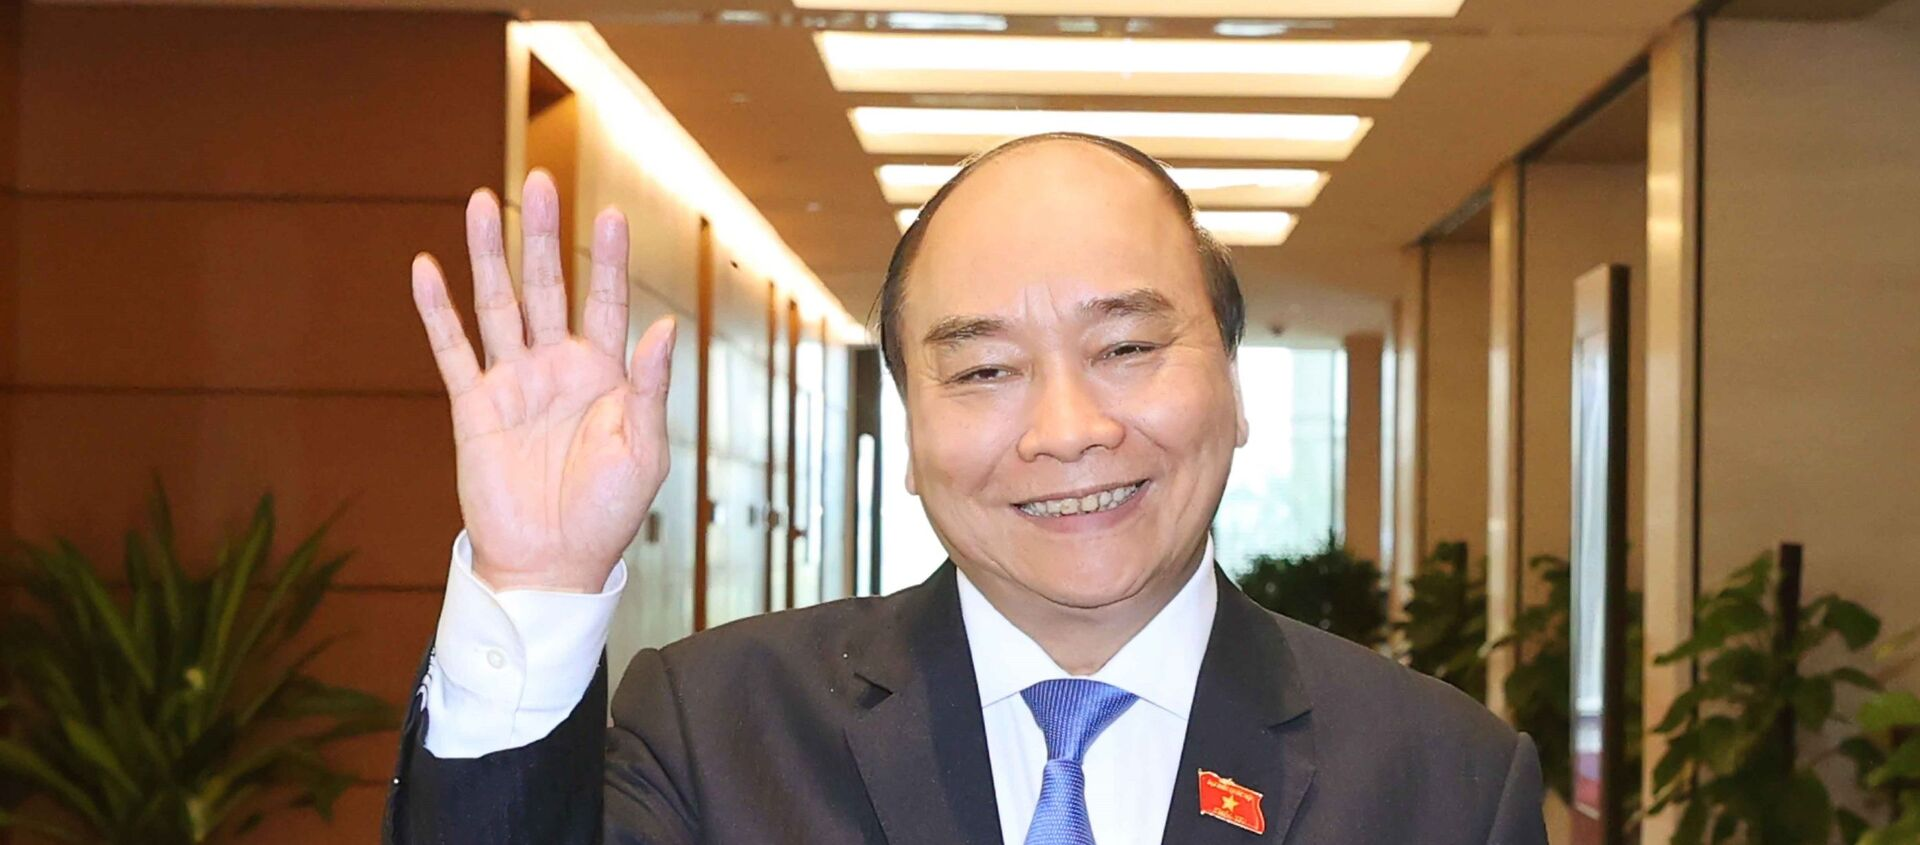 Thủ tướng Chính phủ Nguyễn Xuân Phúc tại Nhà Quốc hội chiều 1/4. - Sputnik Việt Nam, 1920, 05.04.2021